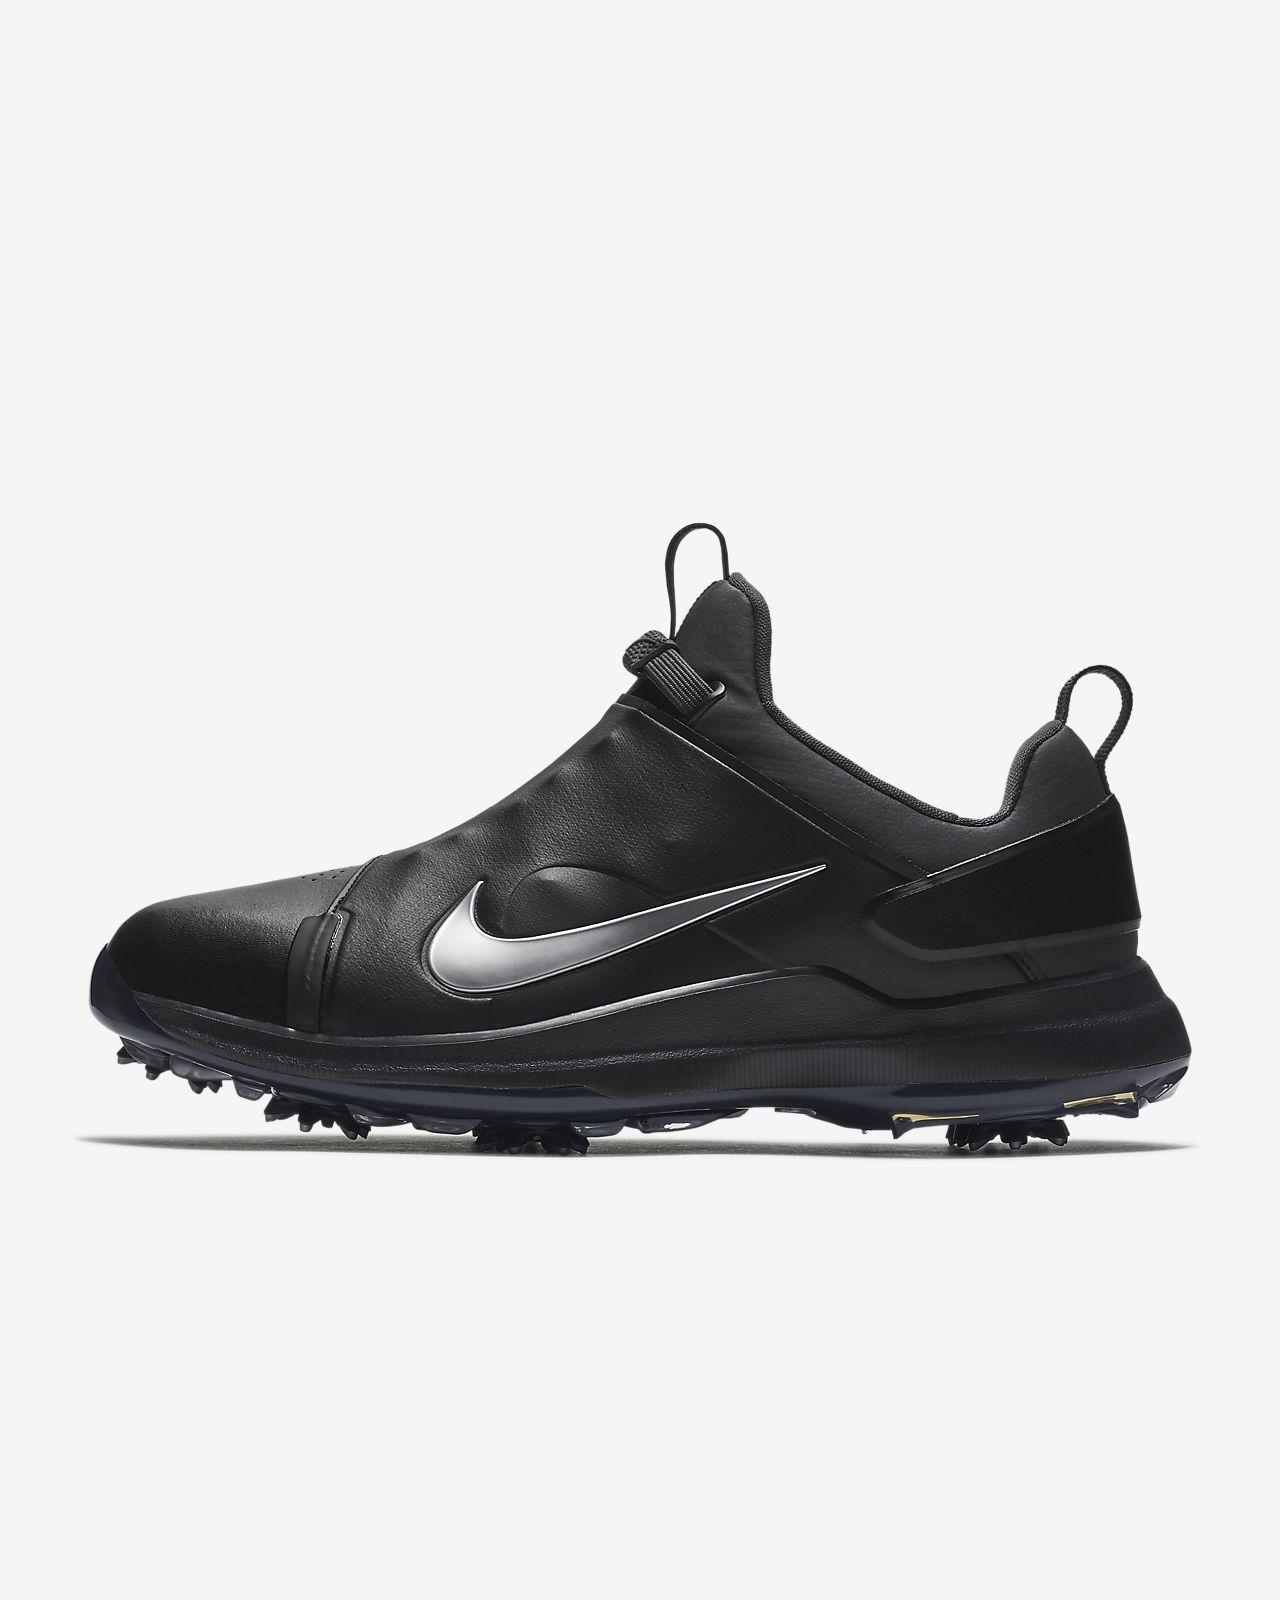 best service a0f01 03477 ... Buty męskie do golfa Nike Golf Tour Premiere